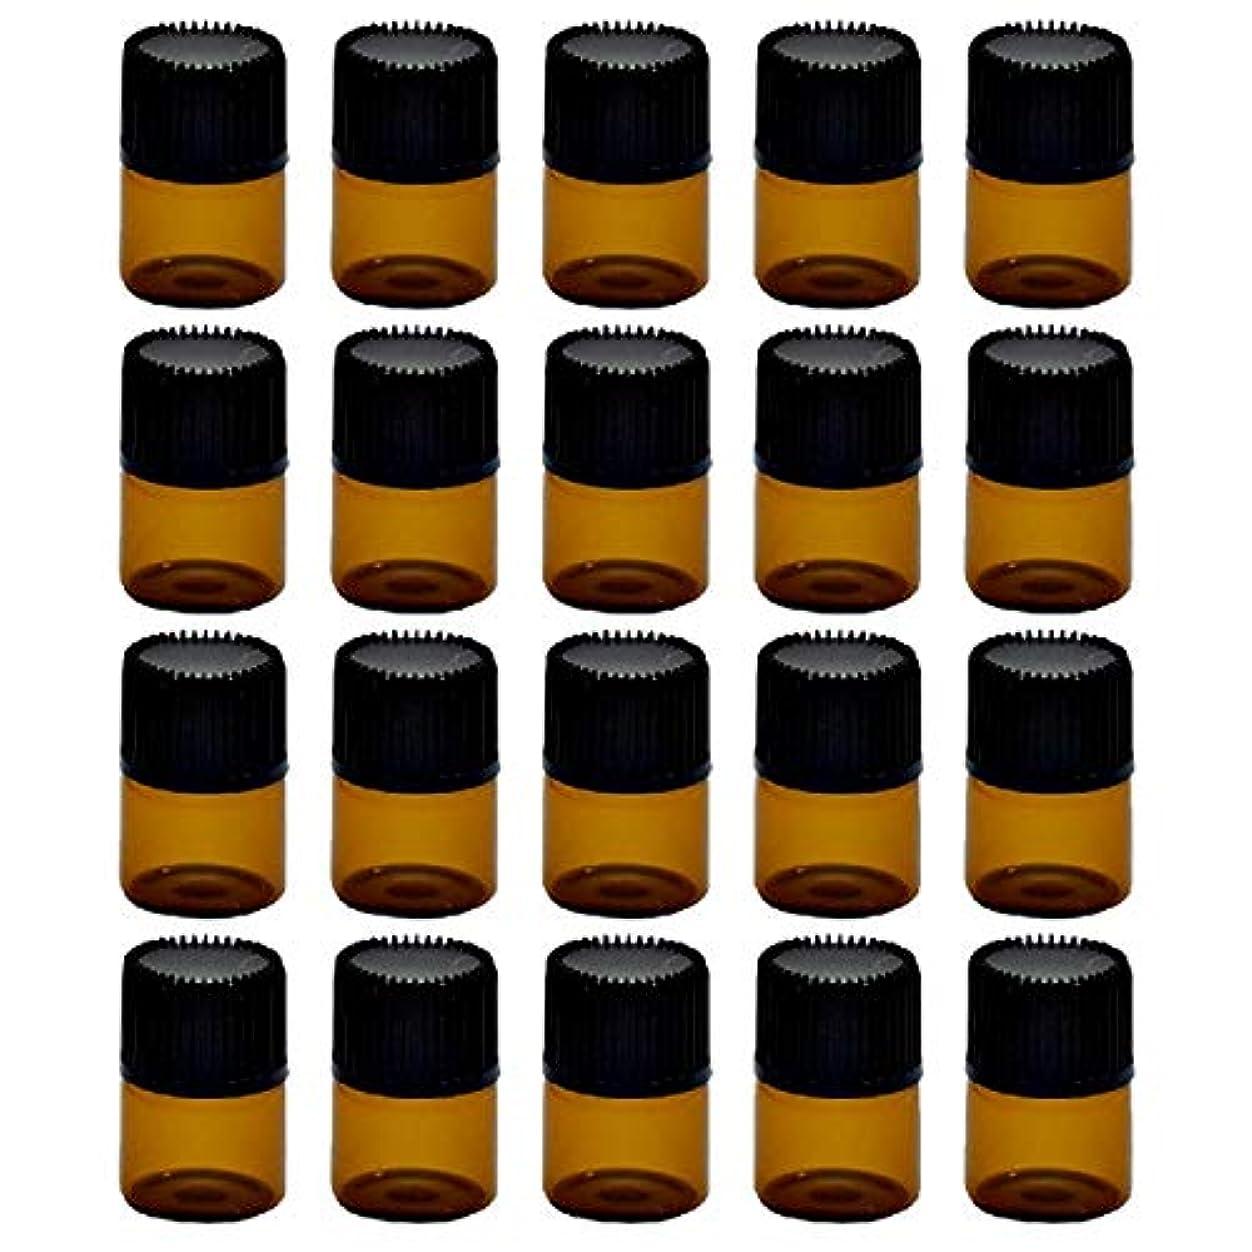 食物浴室農場ZERONOWA 遮光瓶 アロマオイル 精油 小分け 保存 詰め替え 遮光ガラス瓶 (1ml20個セット)